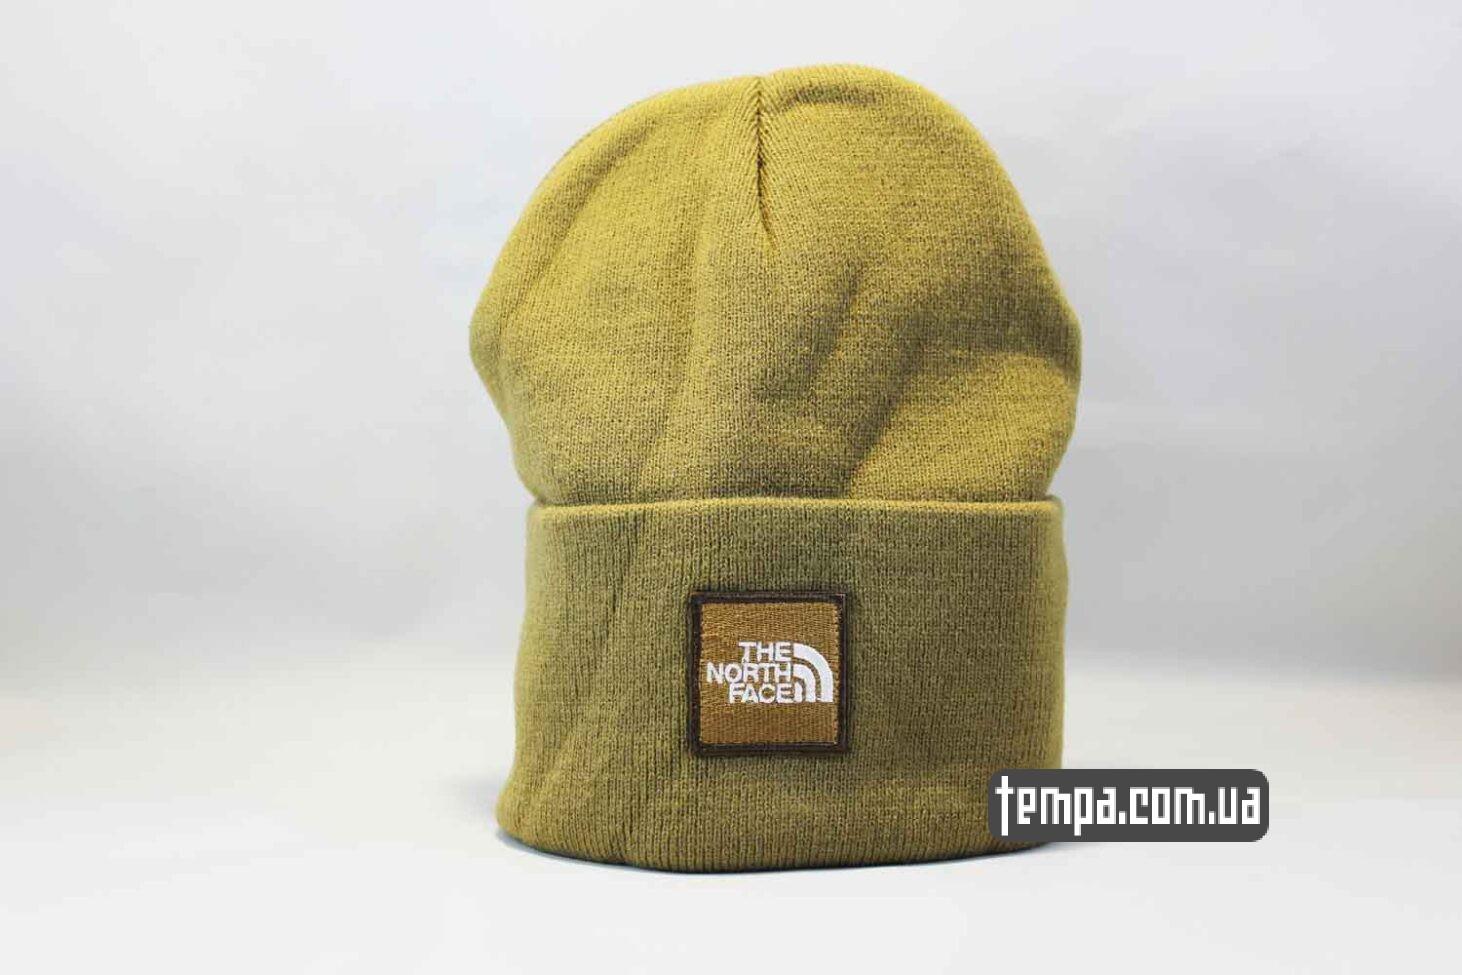 шапка beanie North Face желтая Норс Фейс Украина